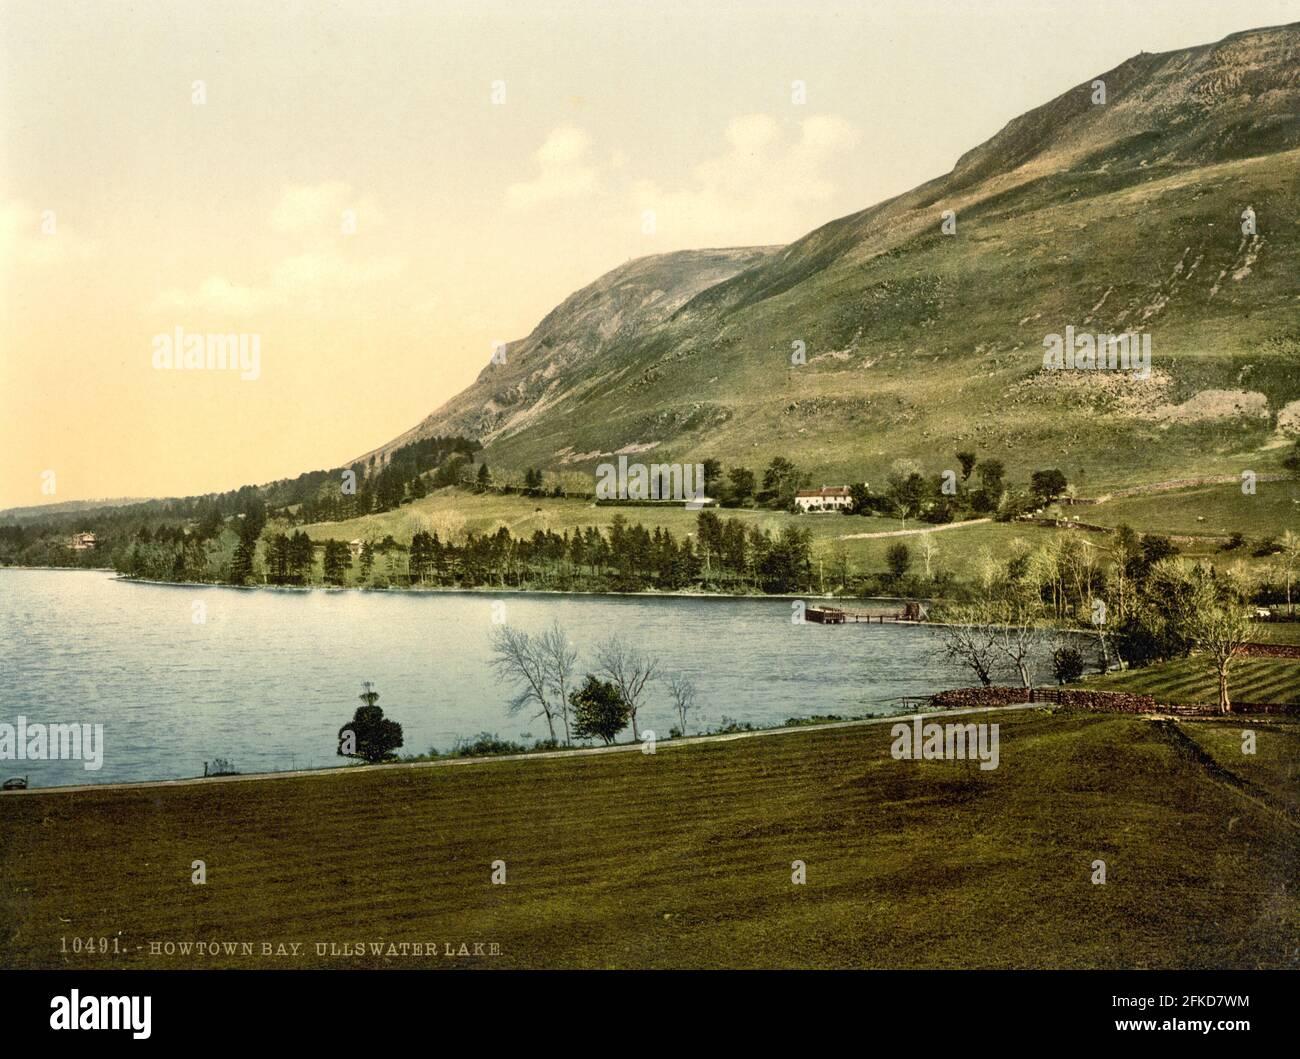 Howtown Bay sur Ullswater dans le Lake District, Cumbria vers 1890-1900 Banque D'Images